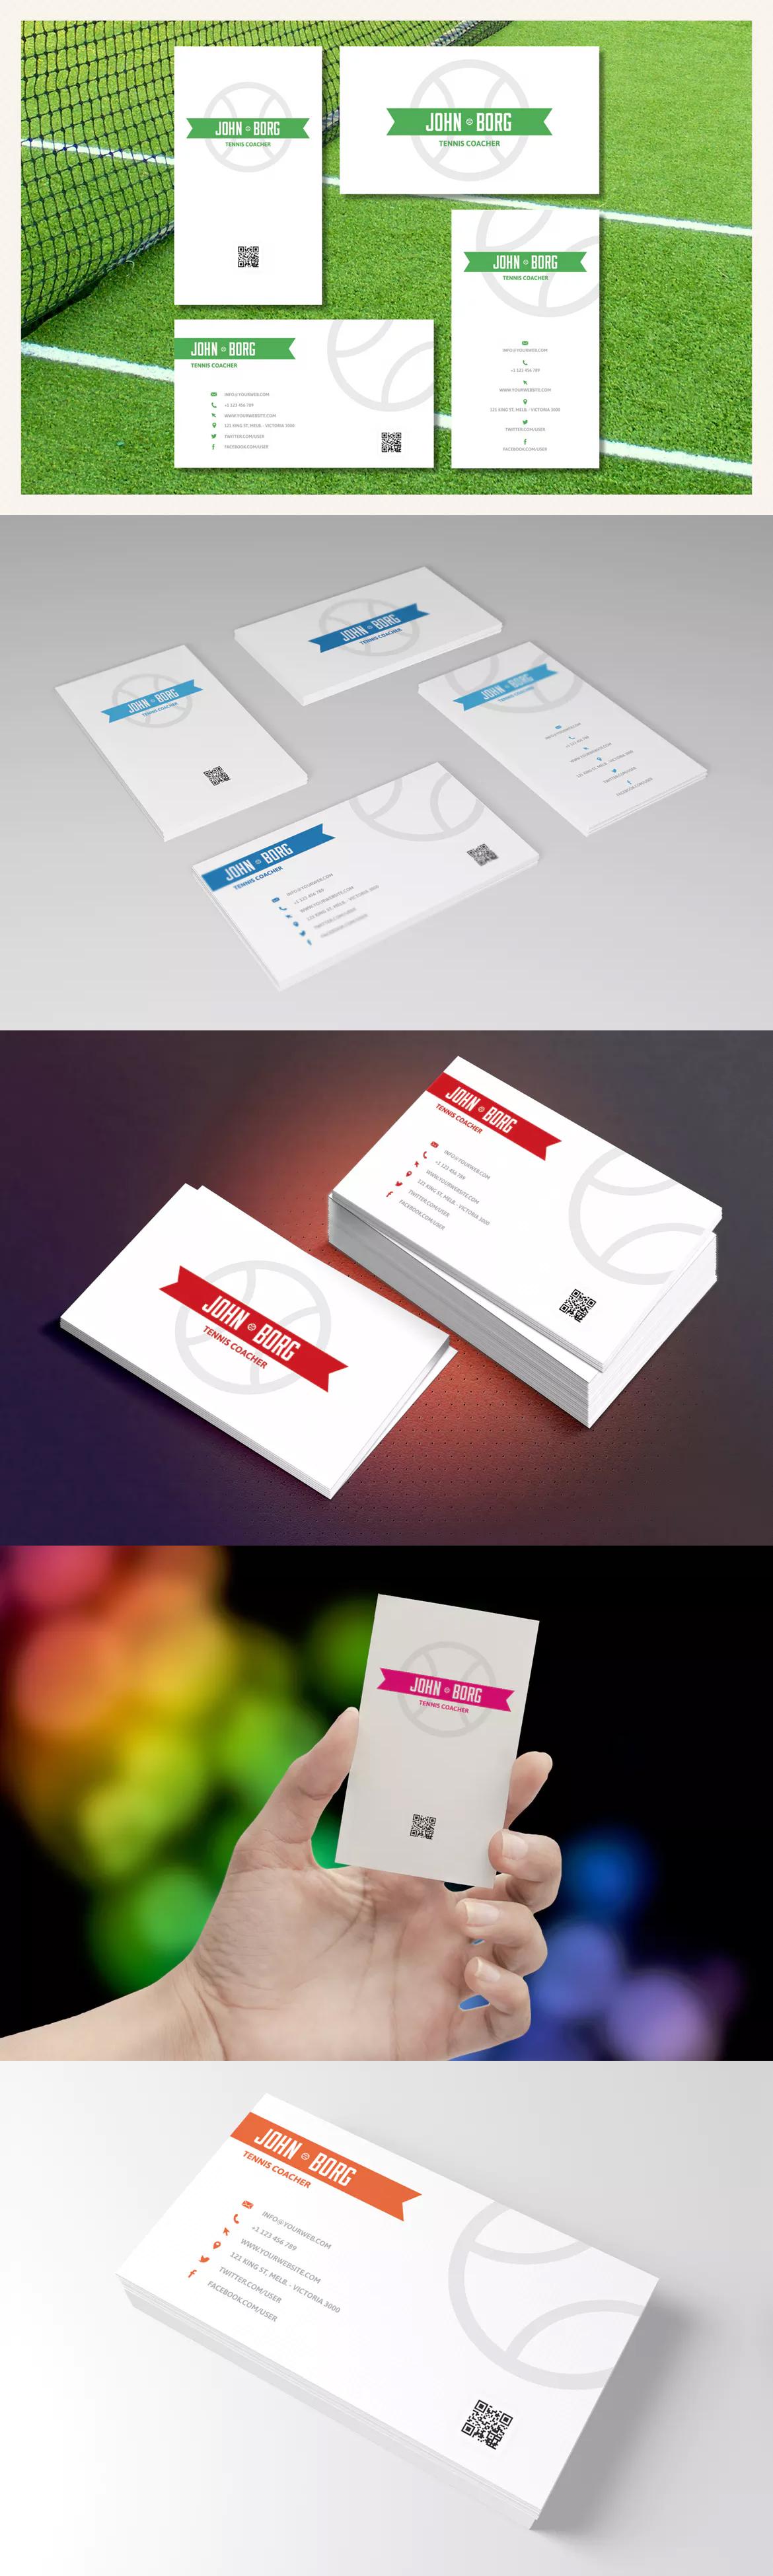 Sport Business Cards - Tennis Template PSD   Business Card Template ...